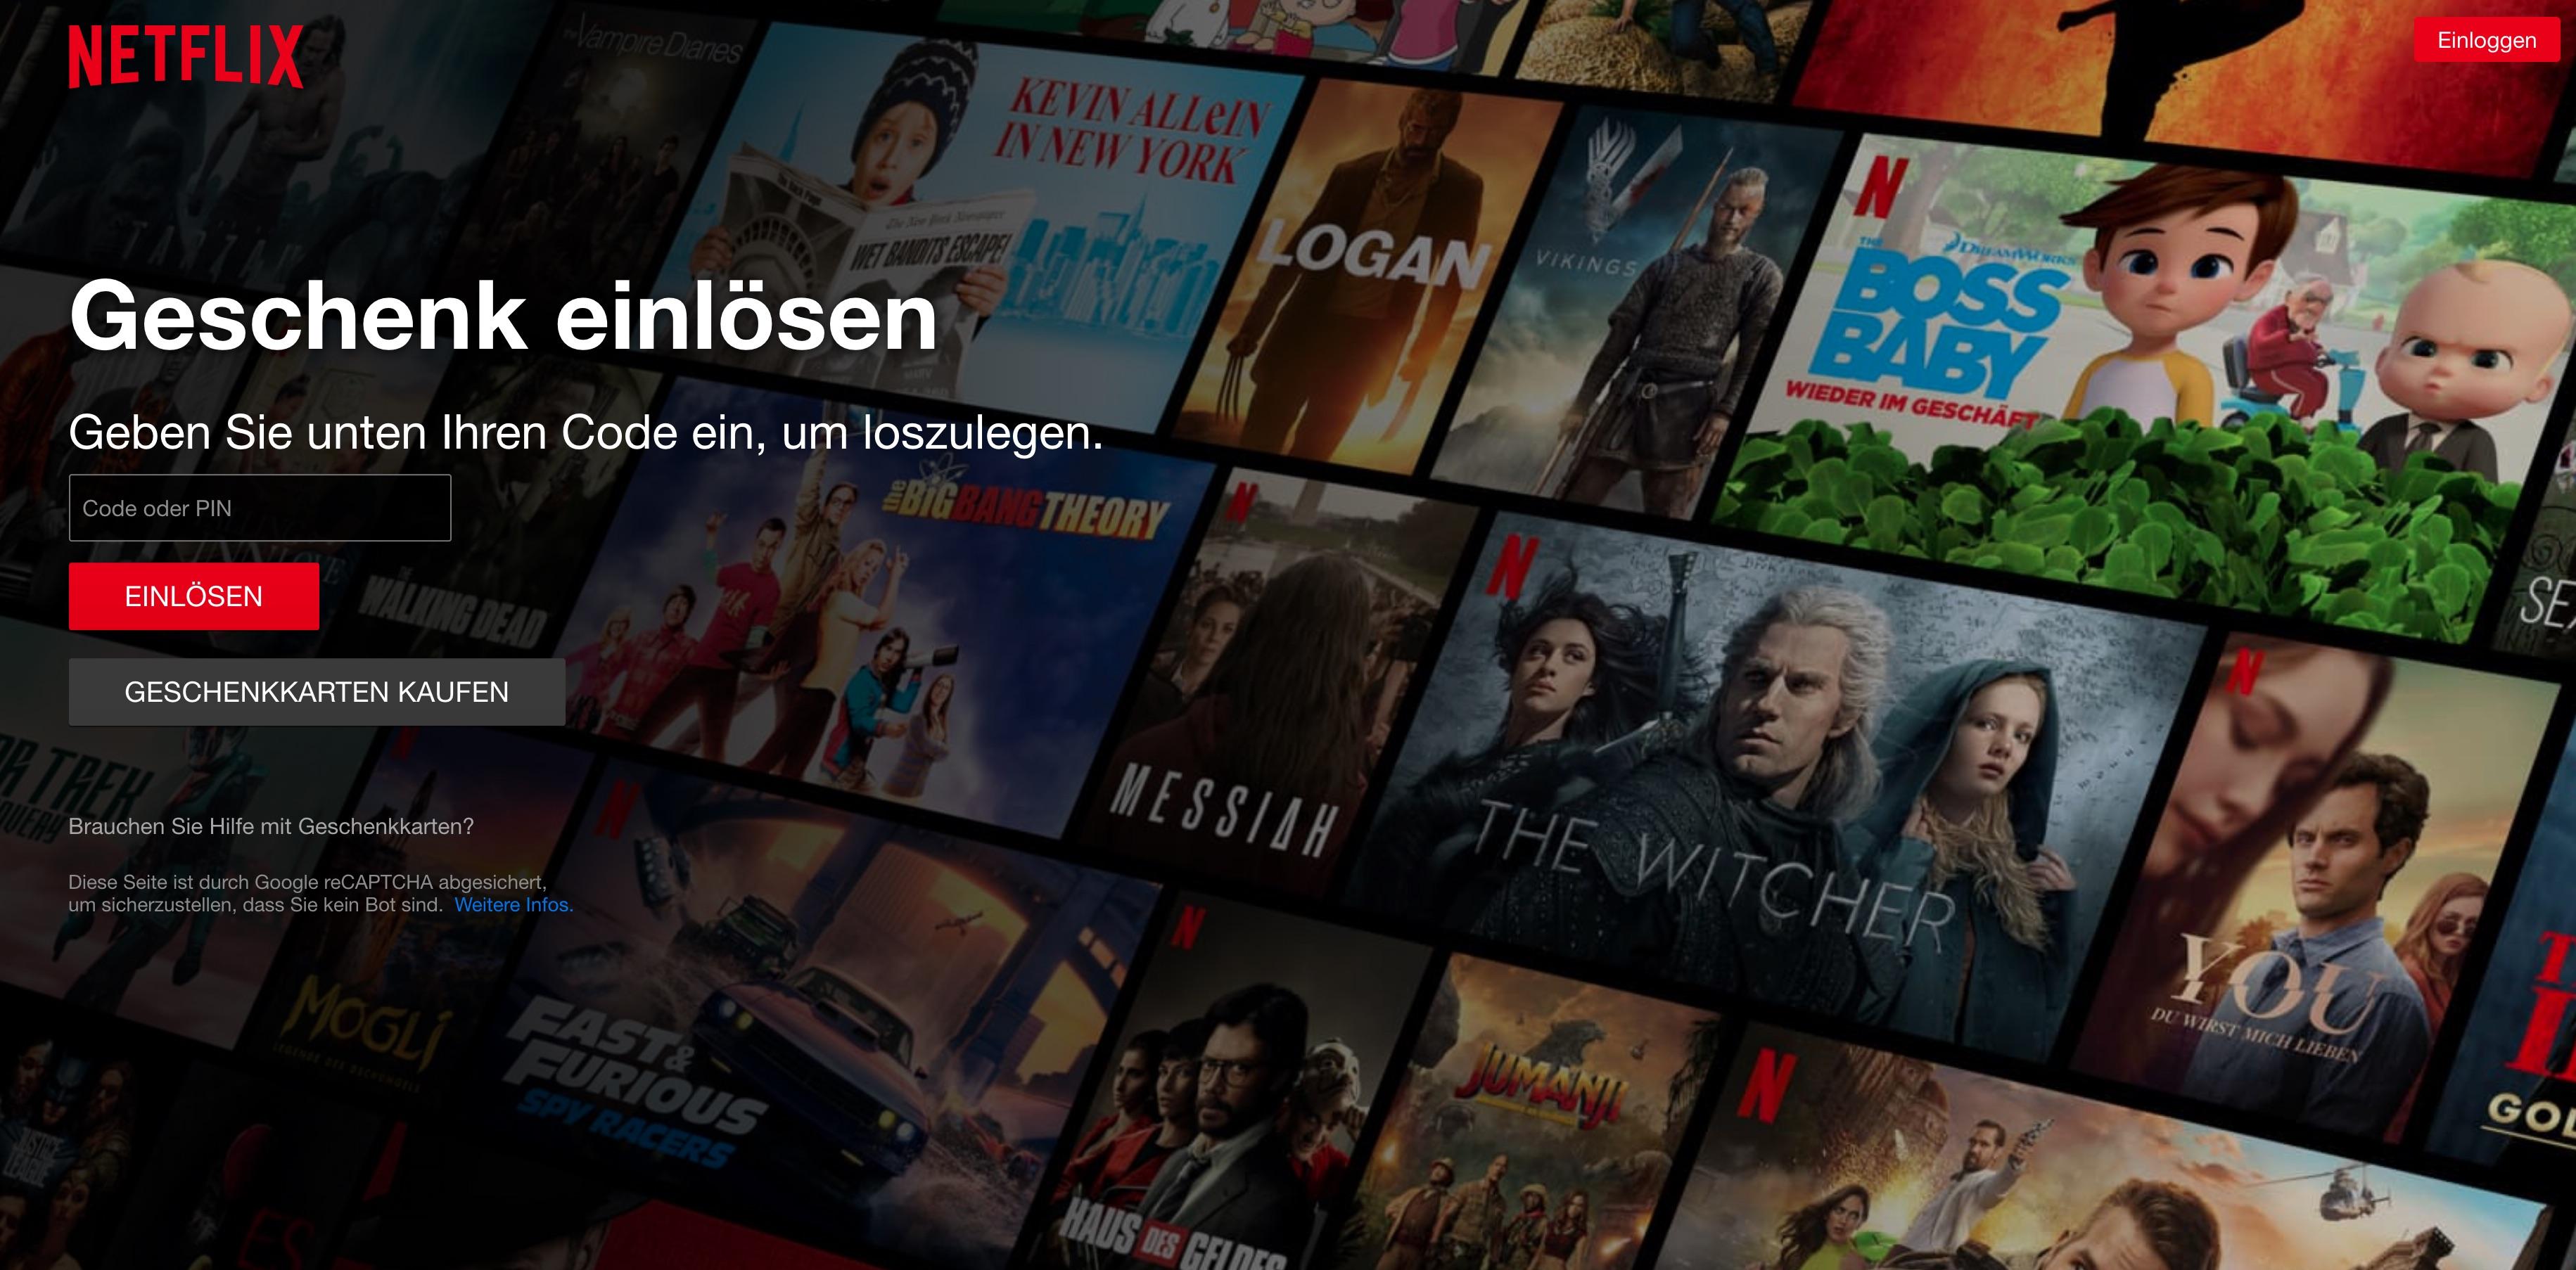 Netflix-Gutschein